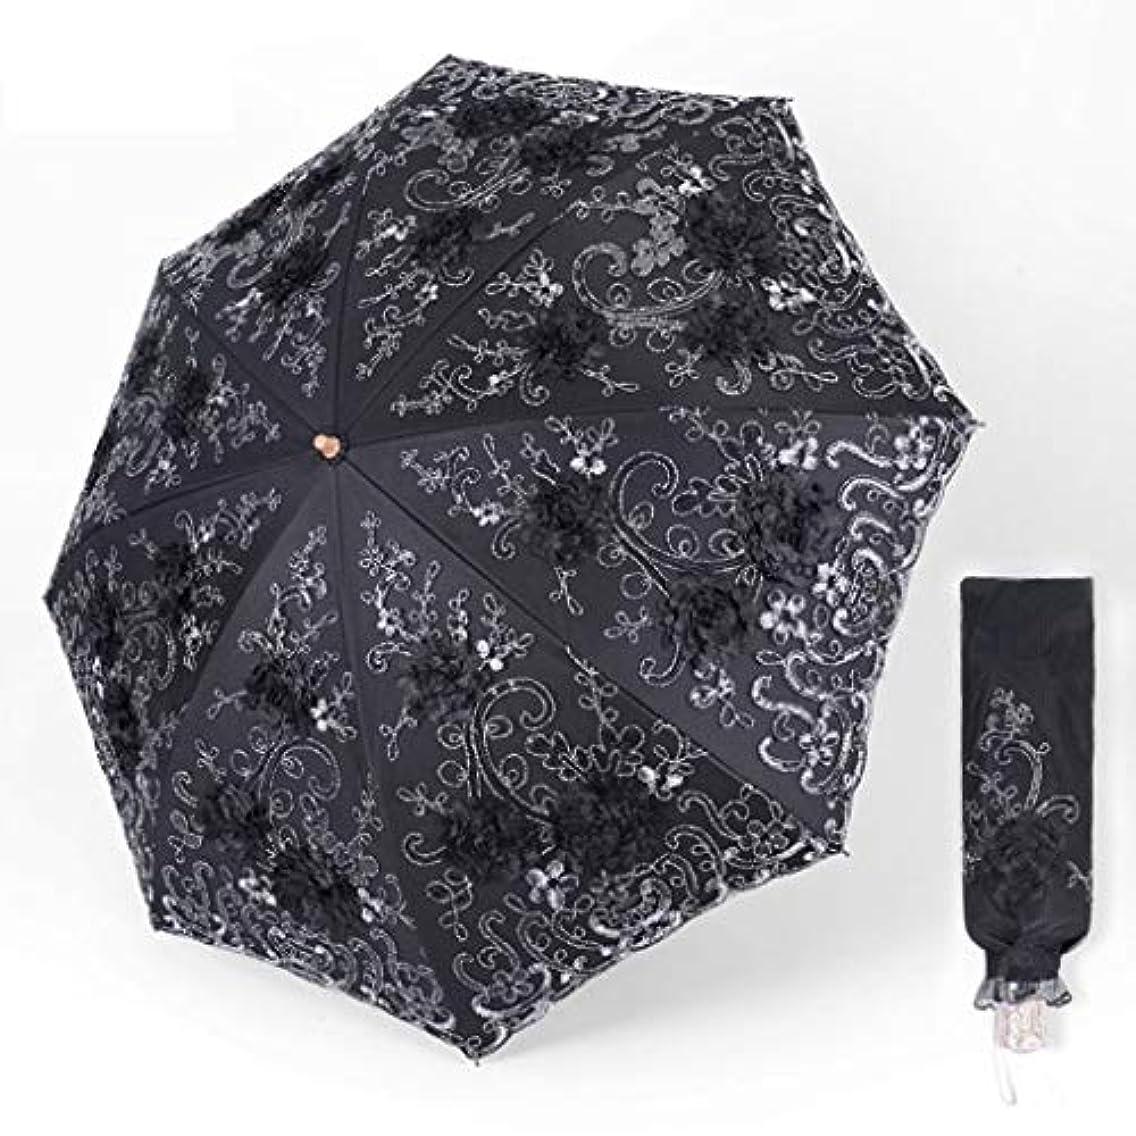 疑わしい認めるバウンドヴィンテージレースuv太陽パラソル折りたたみ3d花刺繍傘、王女オーシャン傘コンパクトポータブル傘デュアル目的 (色 : ブラック)